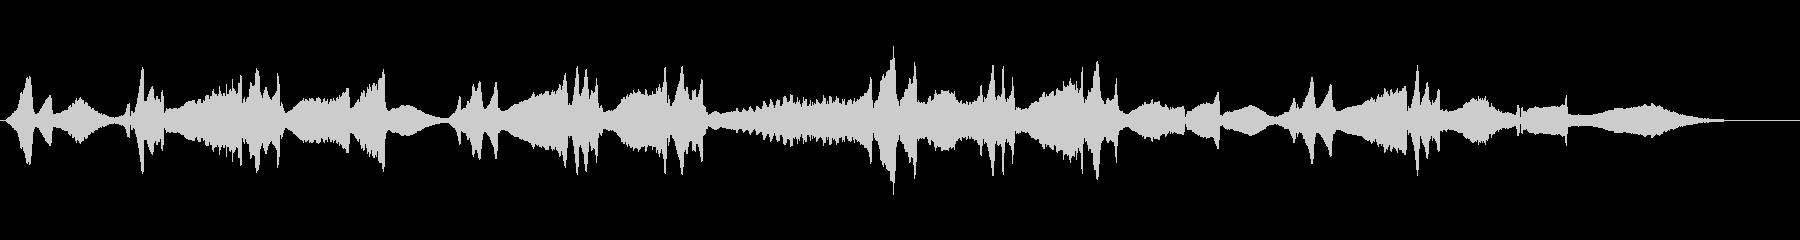 アメージンググレースのヴァイオリンソロの未再生の波形